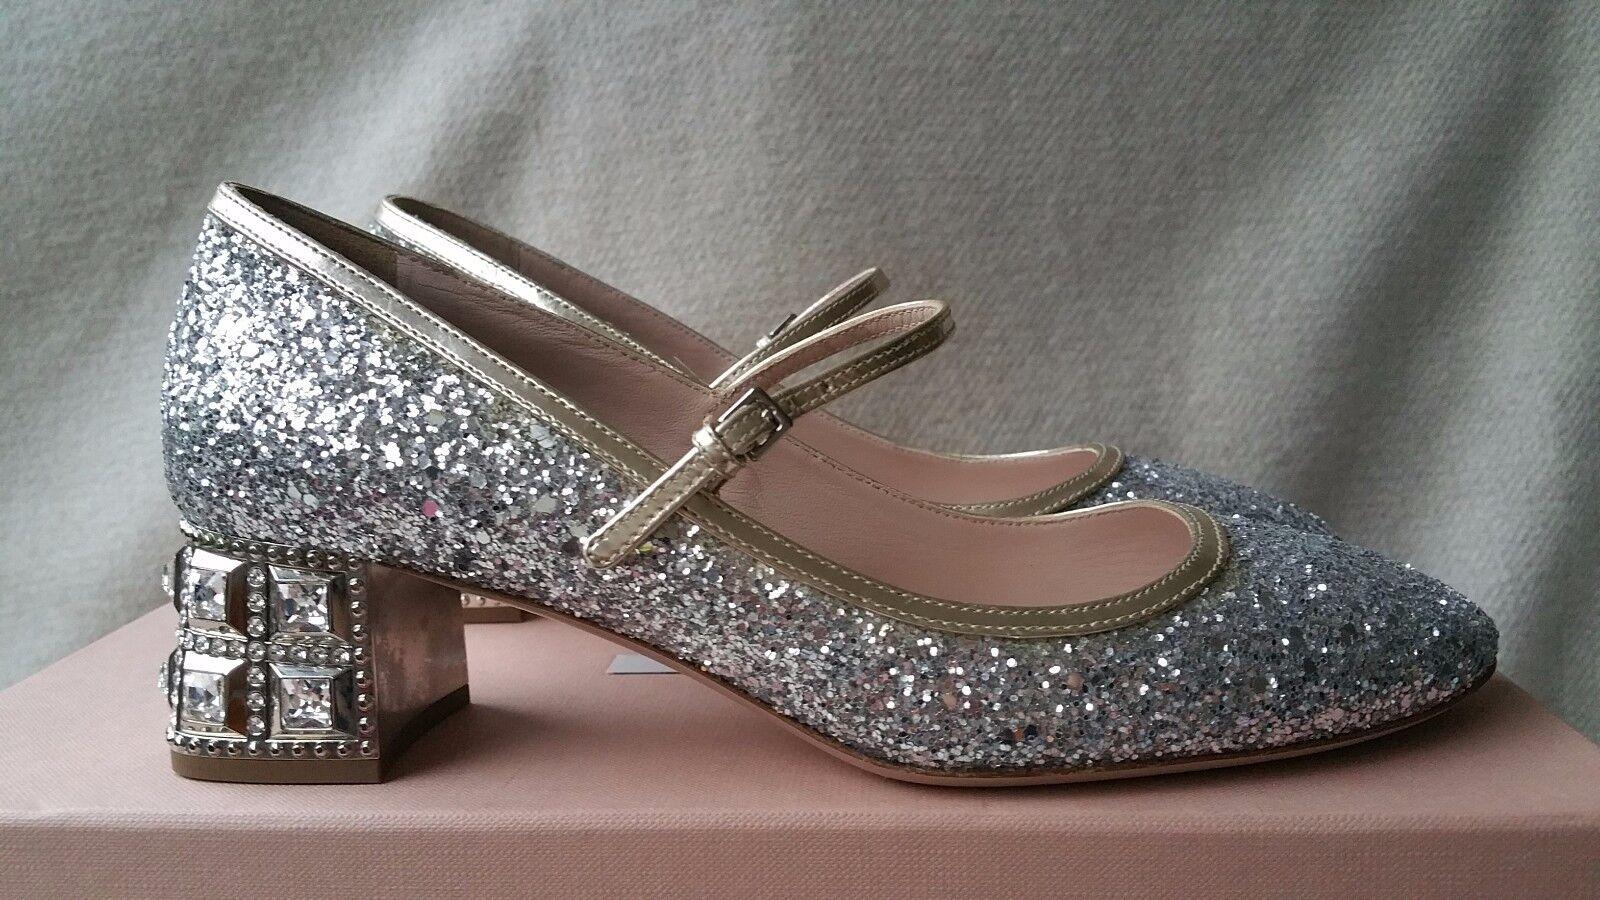 NIB Miu Miu Prada Glitter Glitter Glitter Mary Jane SIlver Pump 35.5 Jeweled Heel Crystal shoes d45ff6